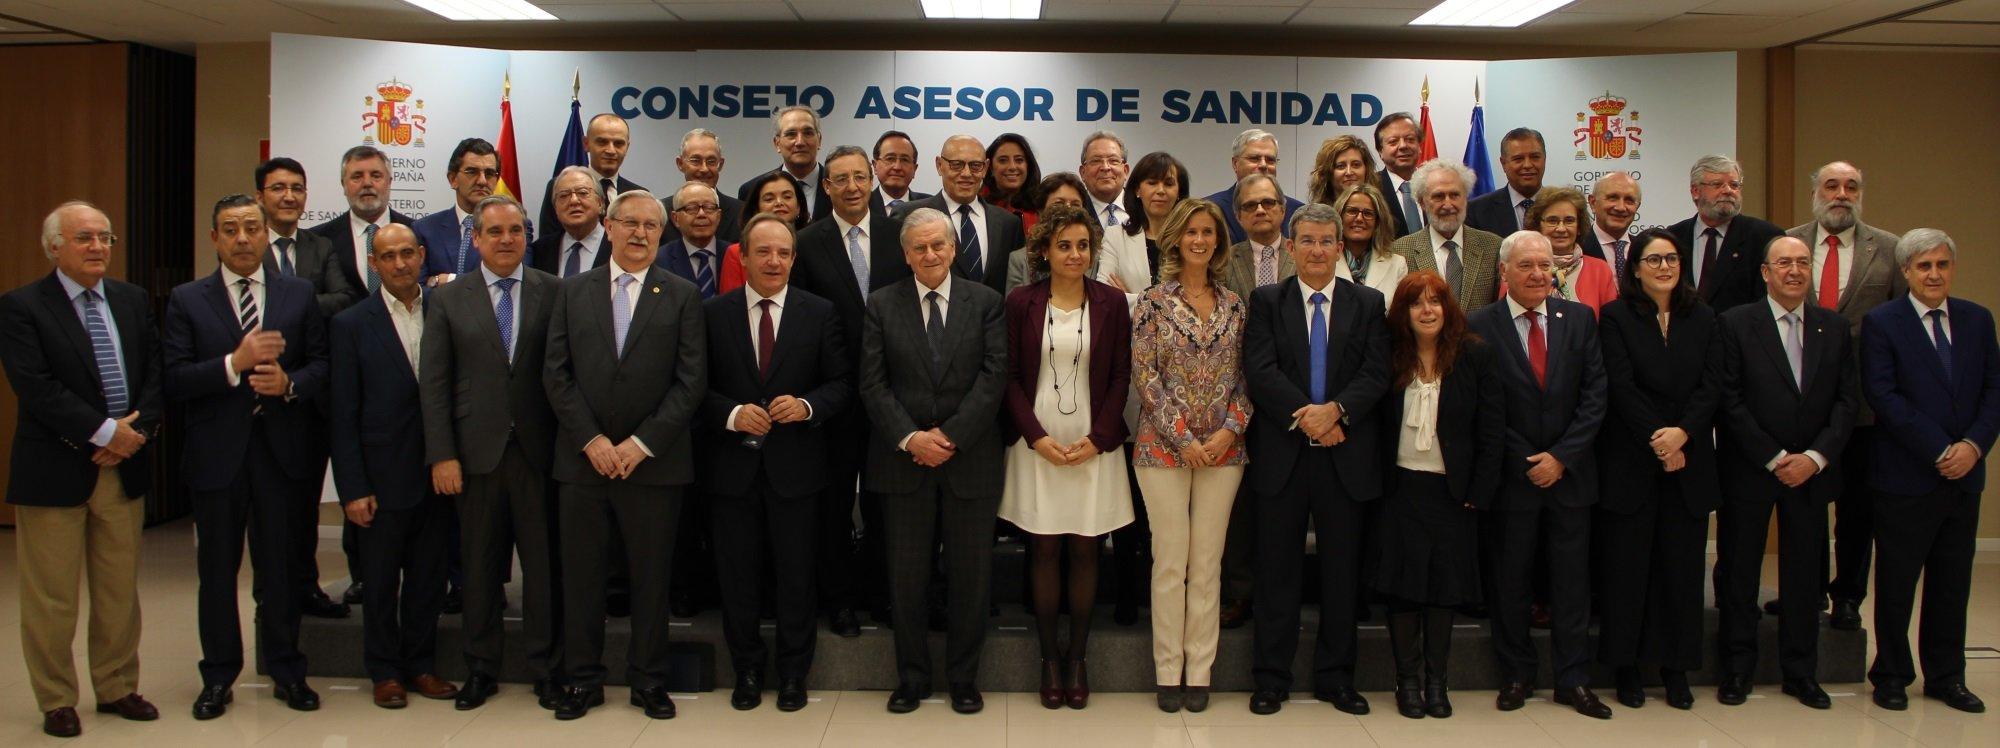 Consejo Asesor Mº de Sanidad-NuevaTribuna